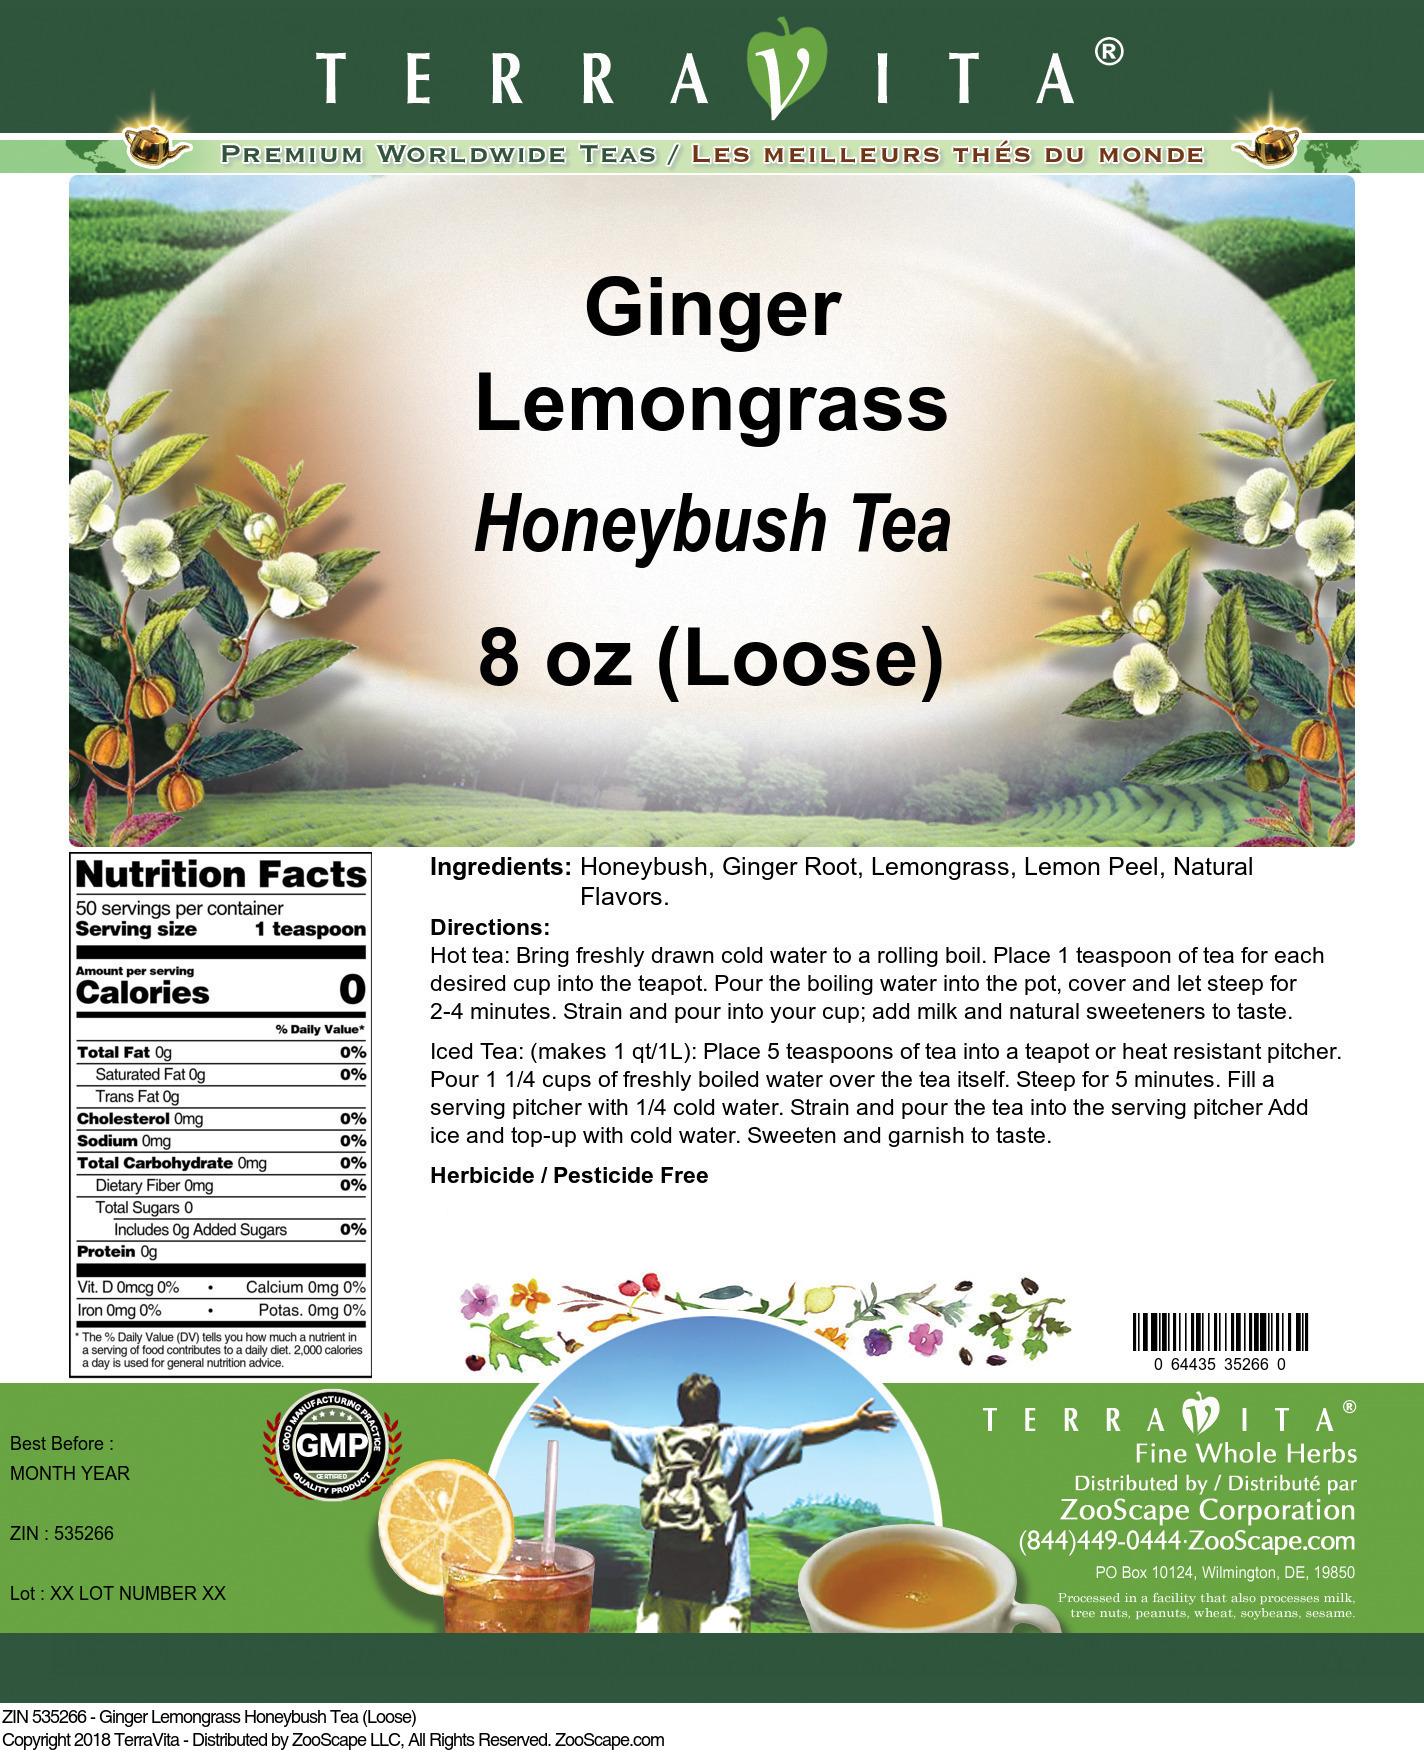 Ginger Lemongrass Honeybush Tea